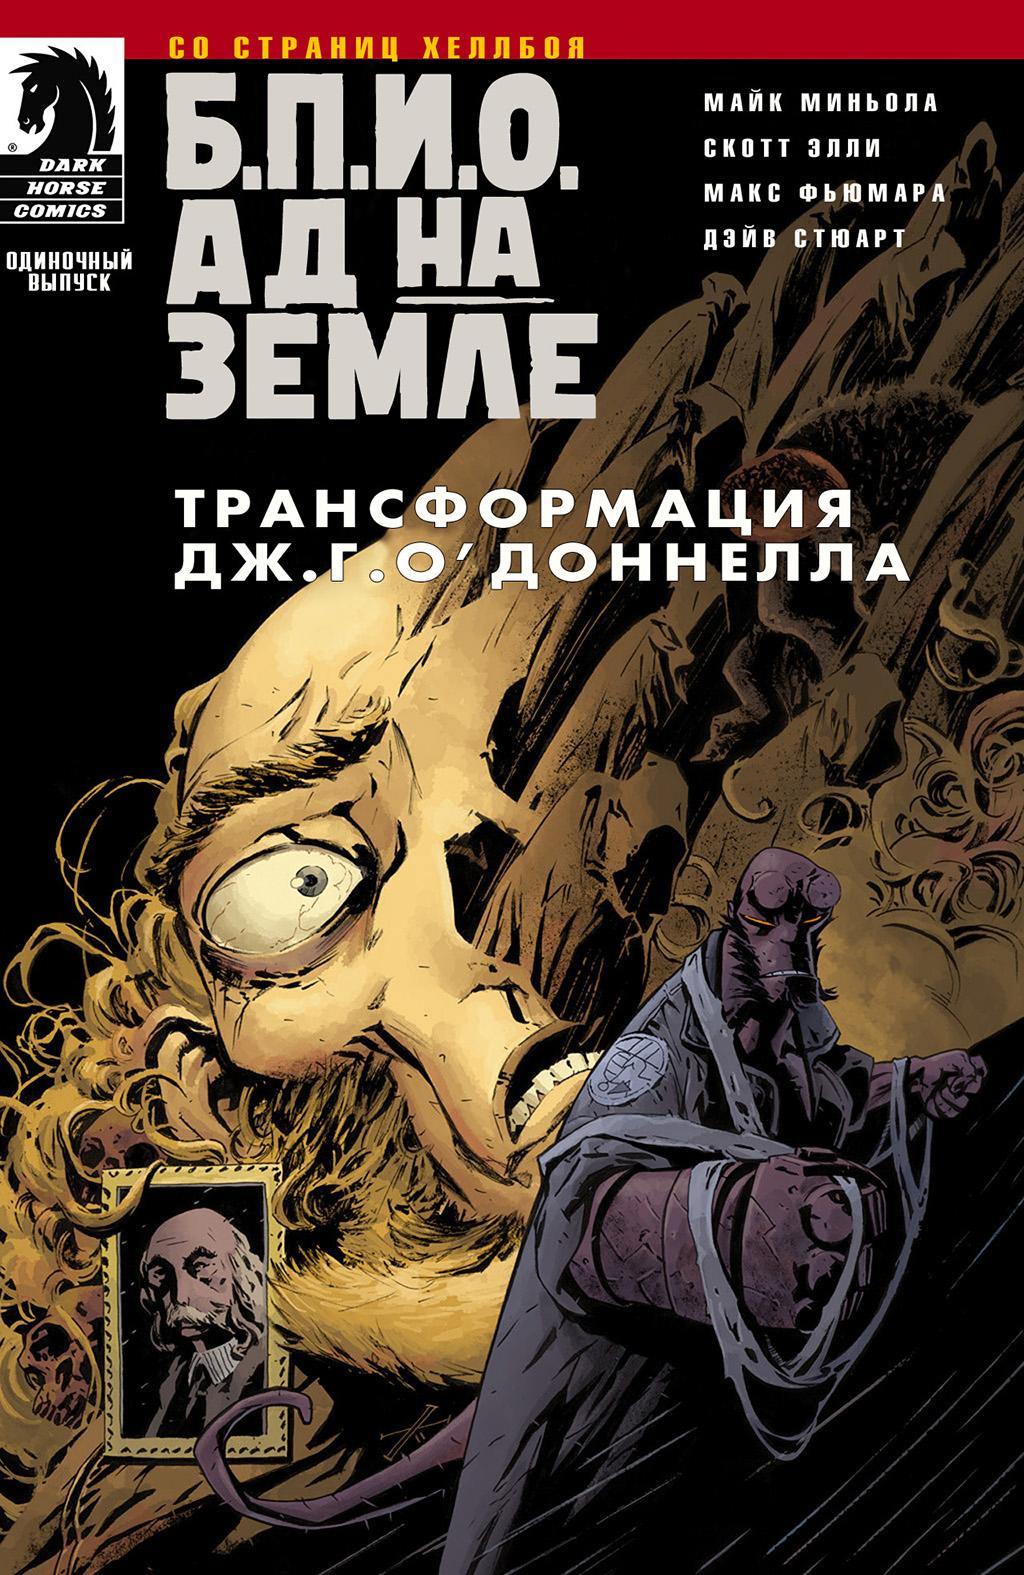 Комикс Б.П.И.О.: Ад на Земле - Трансформация Дж.Г. О'Доннелла